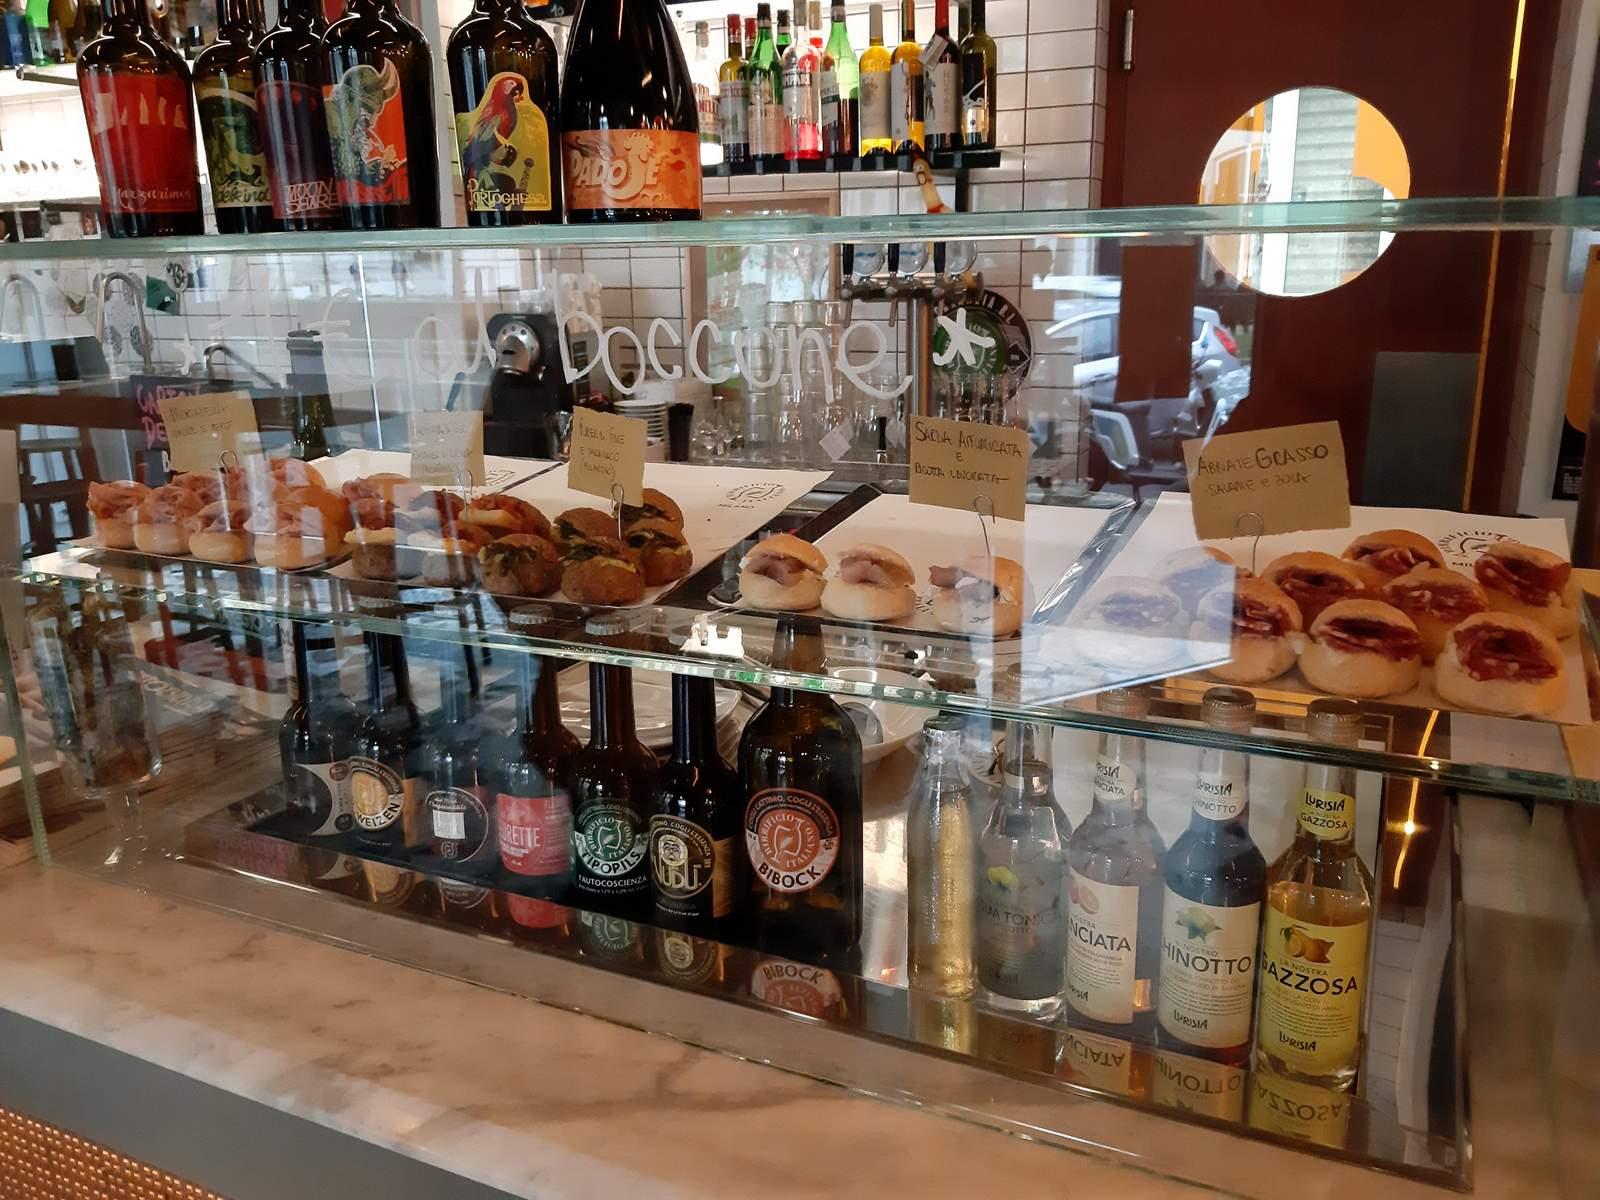 La vetrina di birre e panini del Birrificio Italiano